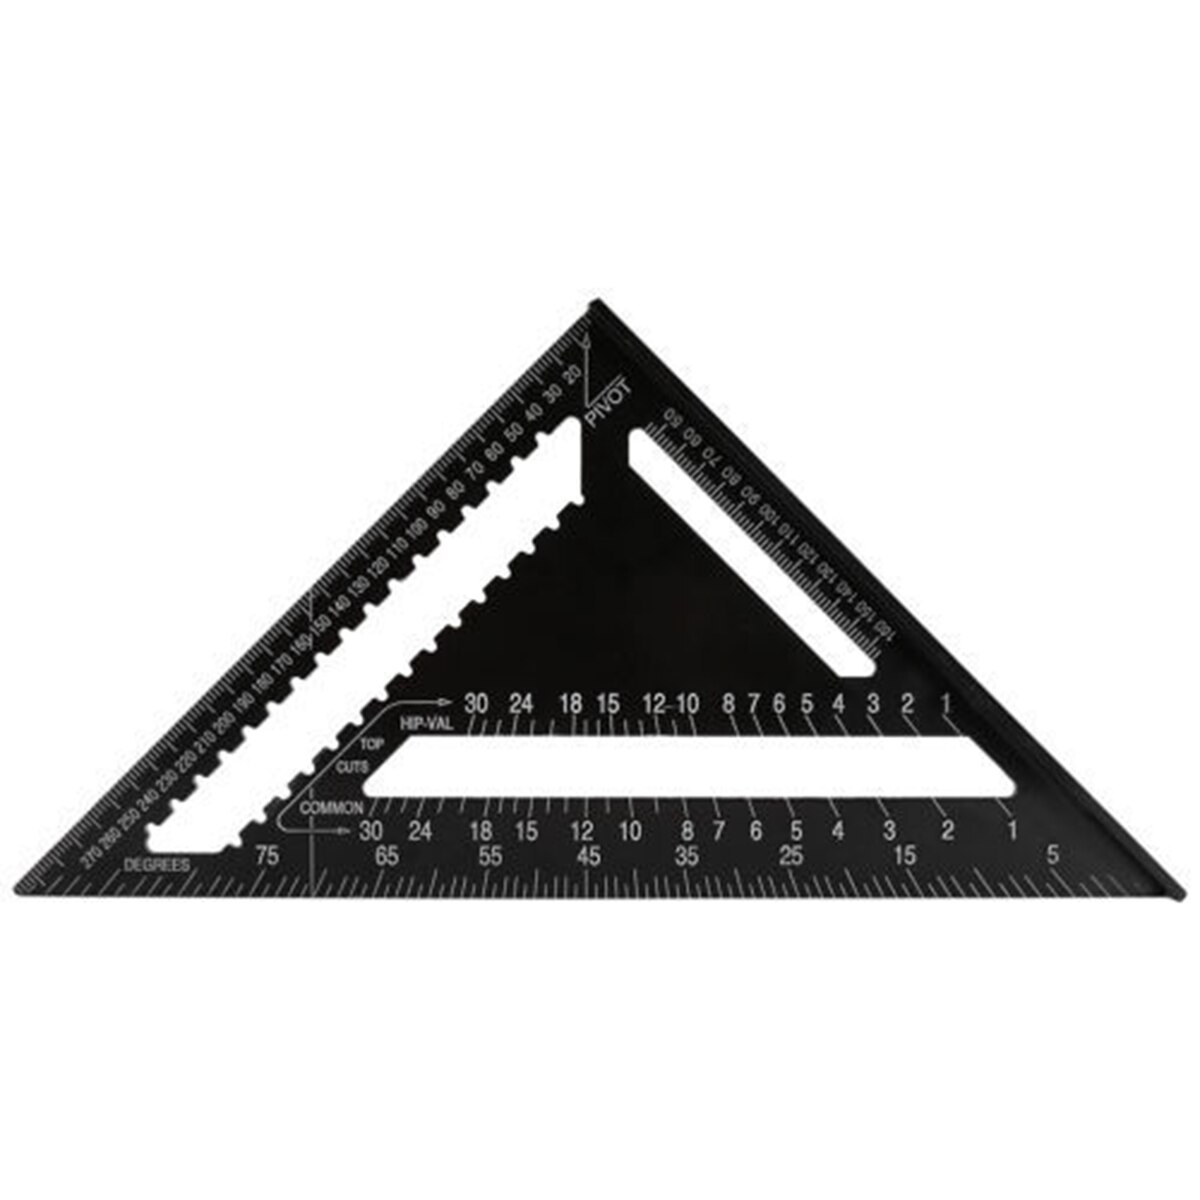 12 polegada de alumínio rafter praça carpinteiro régua triangular ferramenta medição carpinteiro carpintaria triangular regra